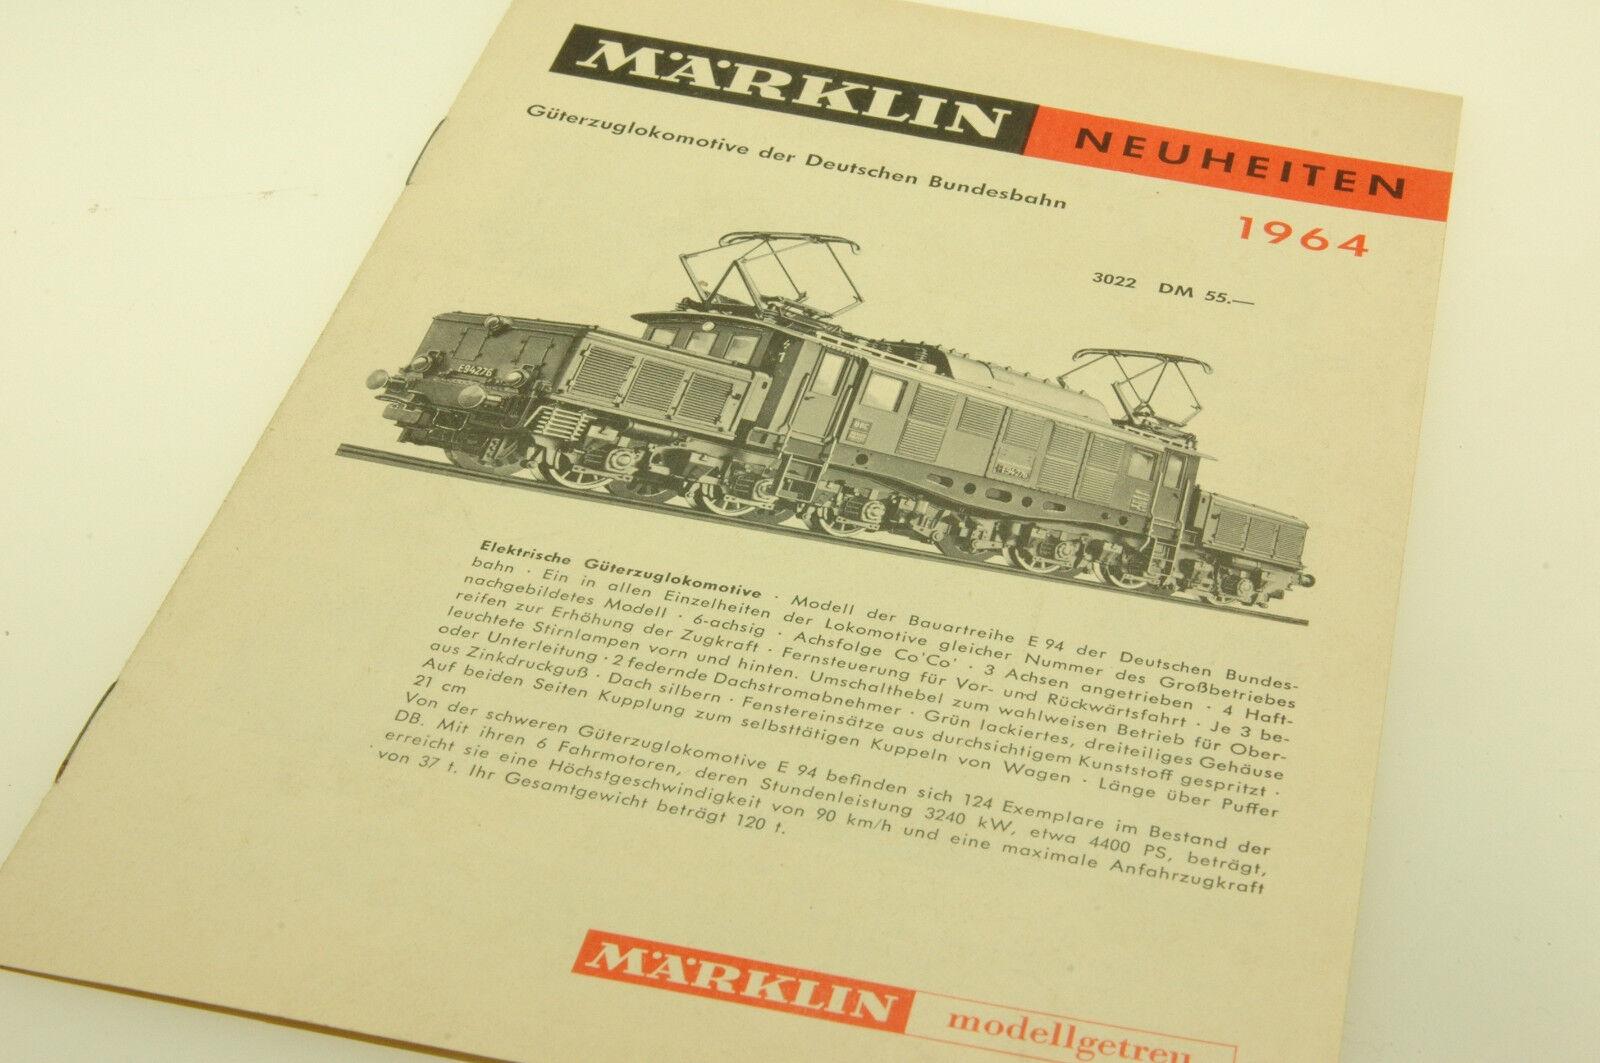 (63 017) Märklin Catalogo Novità 1964 ottime condizioni